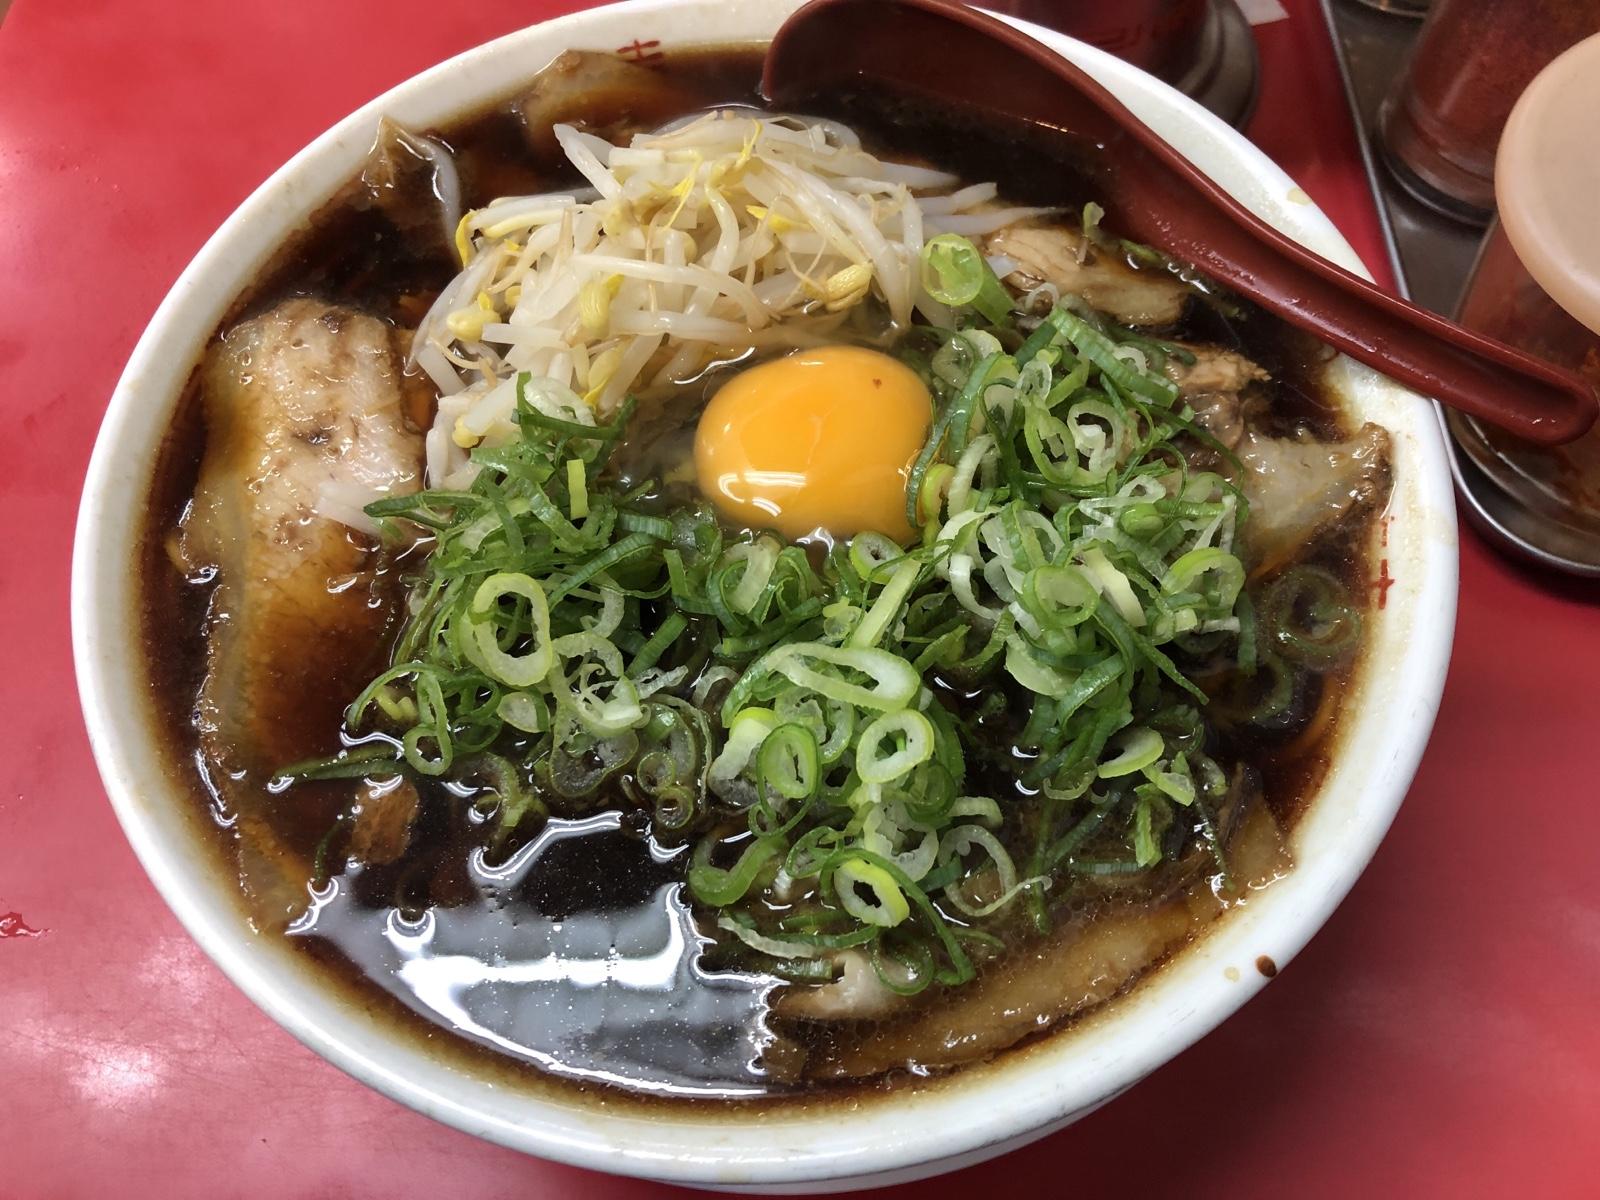 真っ黒スープにネギ、生卵!京都ラーメンの名店「新福菜館」伏見店